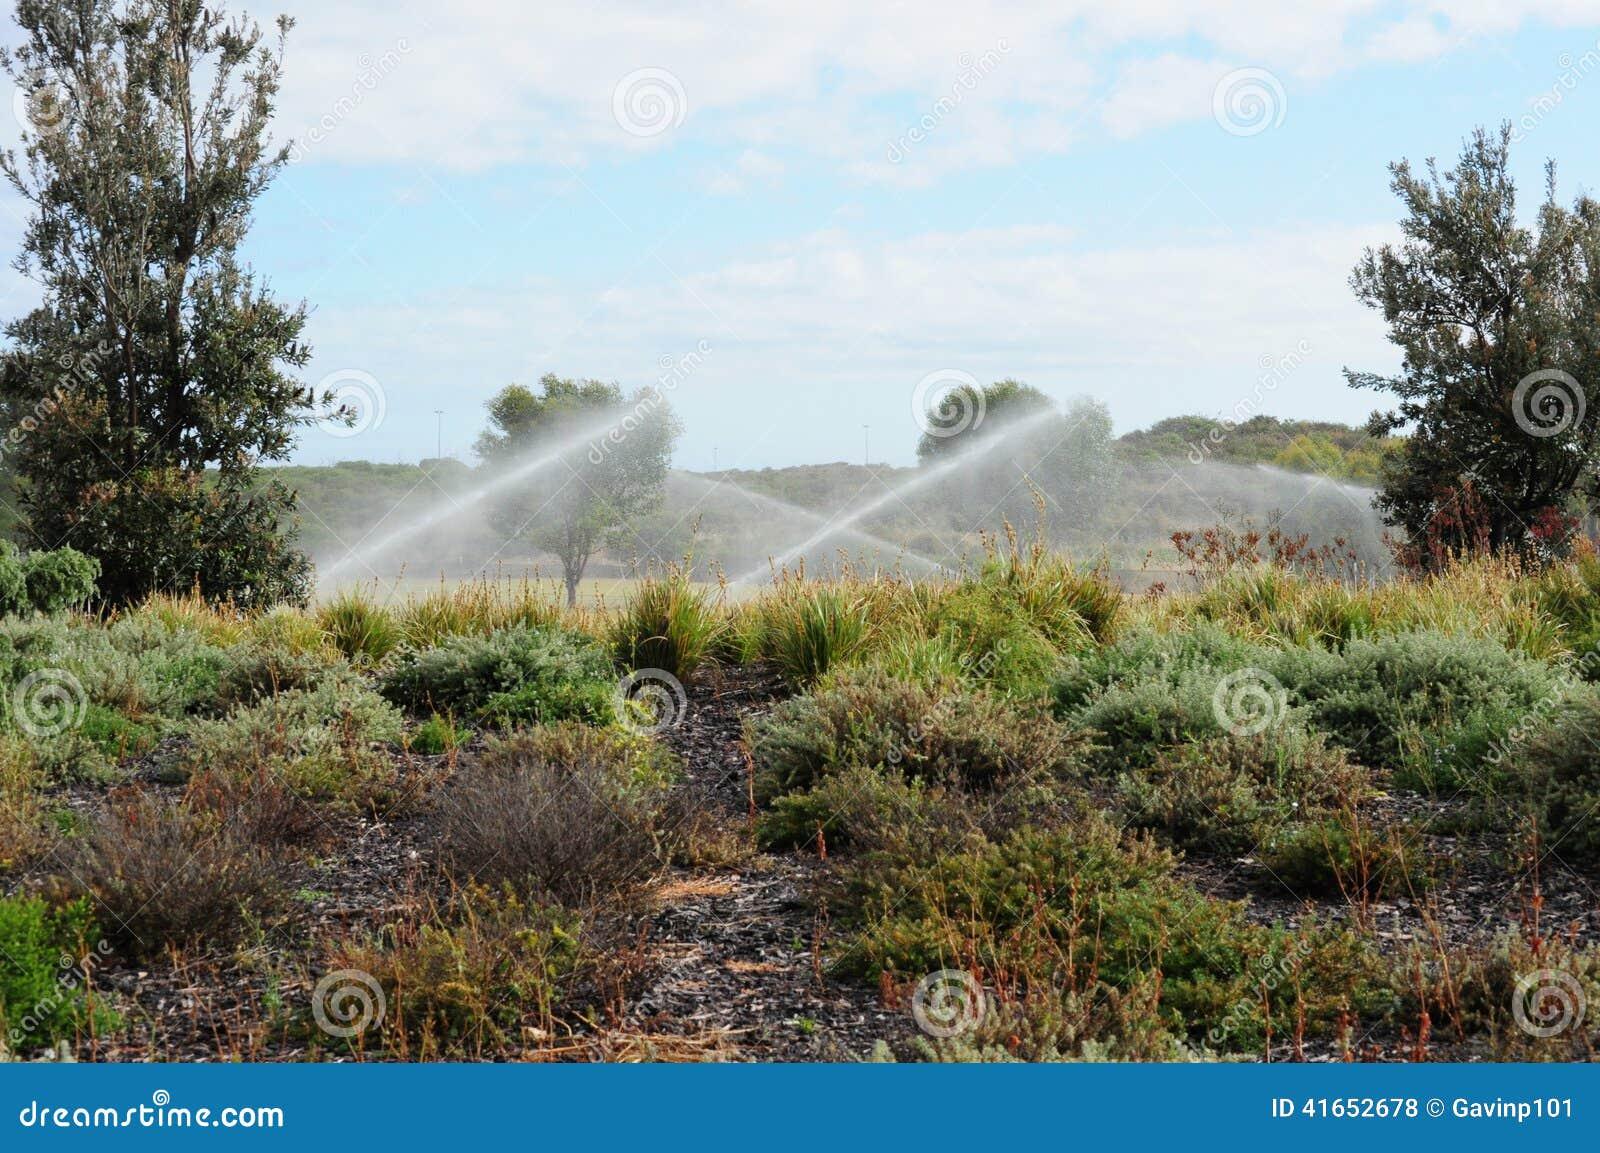 Спринклеры моча сад с брызгом воды